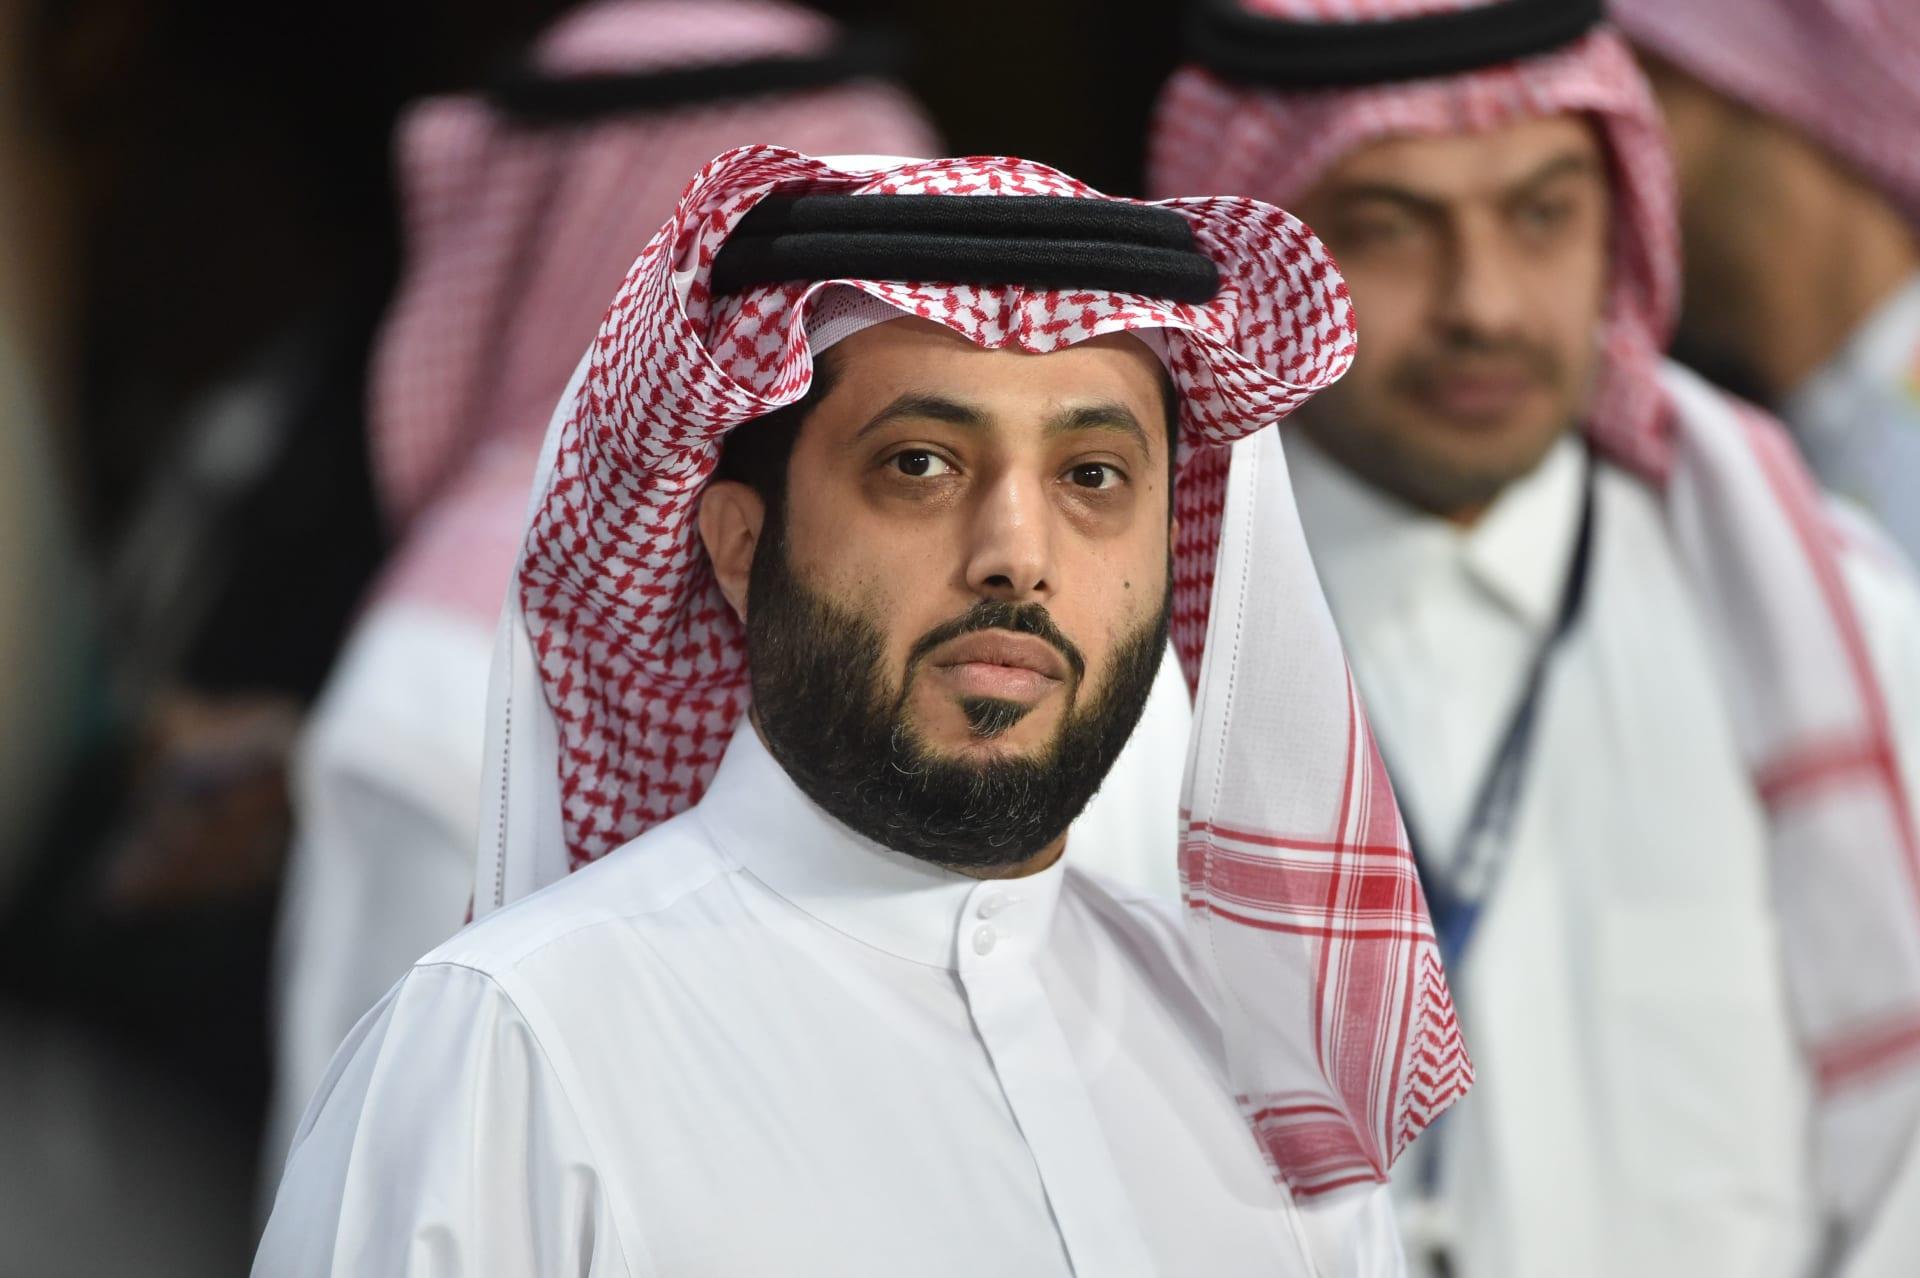 فنان يمني يثير غضب سعوديين.. وتركي آل الشيخ: سنُحقق